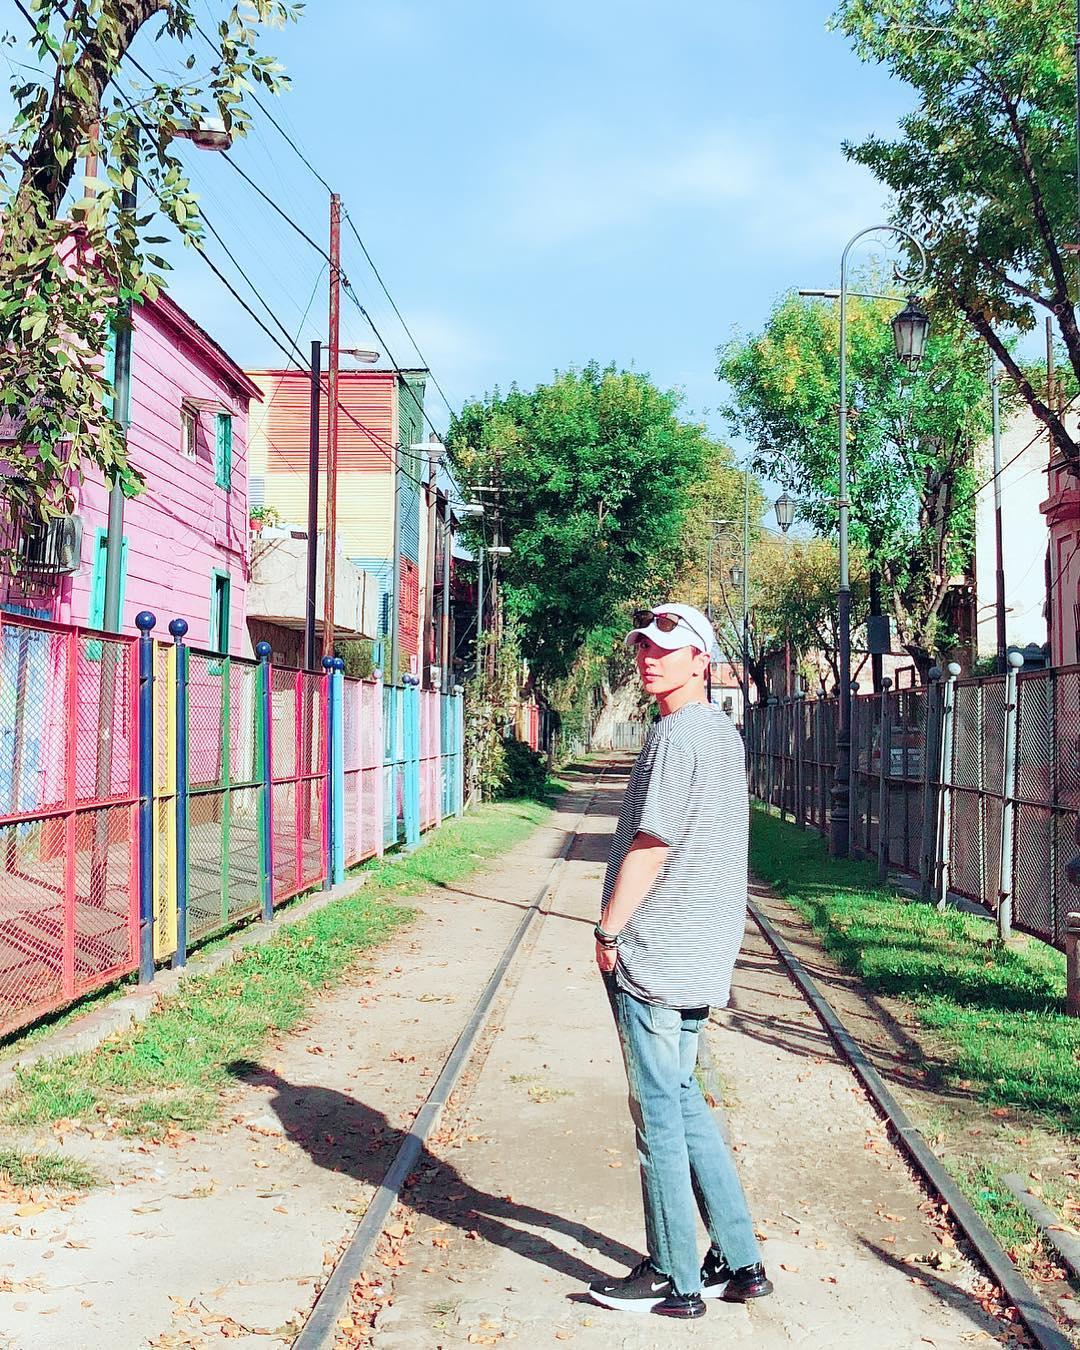 Encantador Uñas Además De Red Bank Foto - Ideas de Pintar de Uñas ...